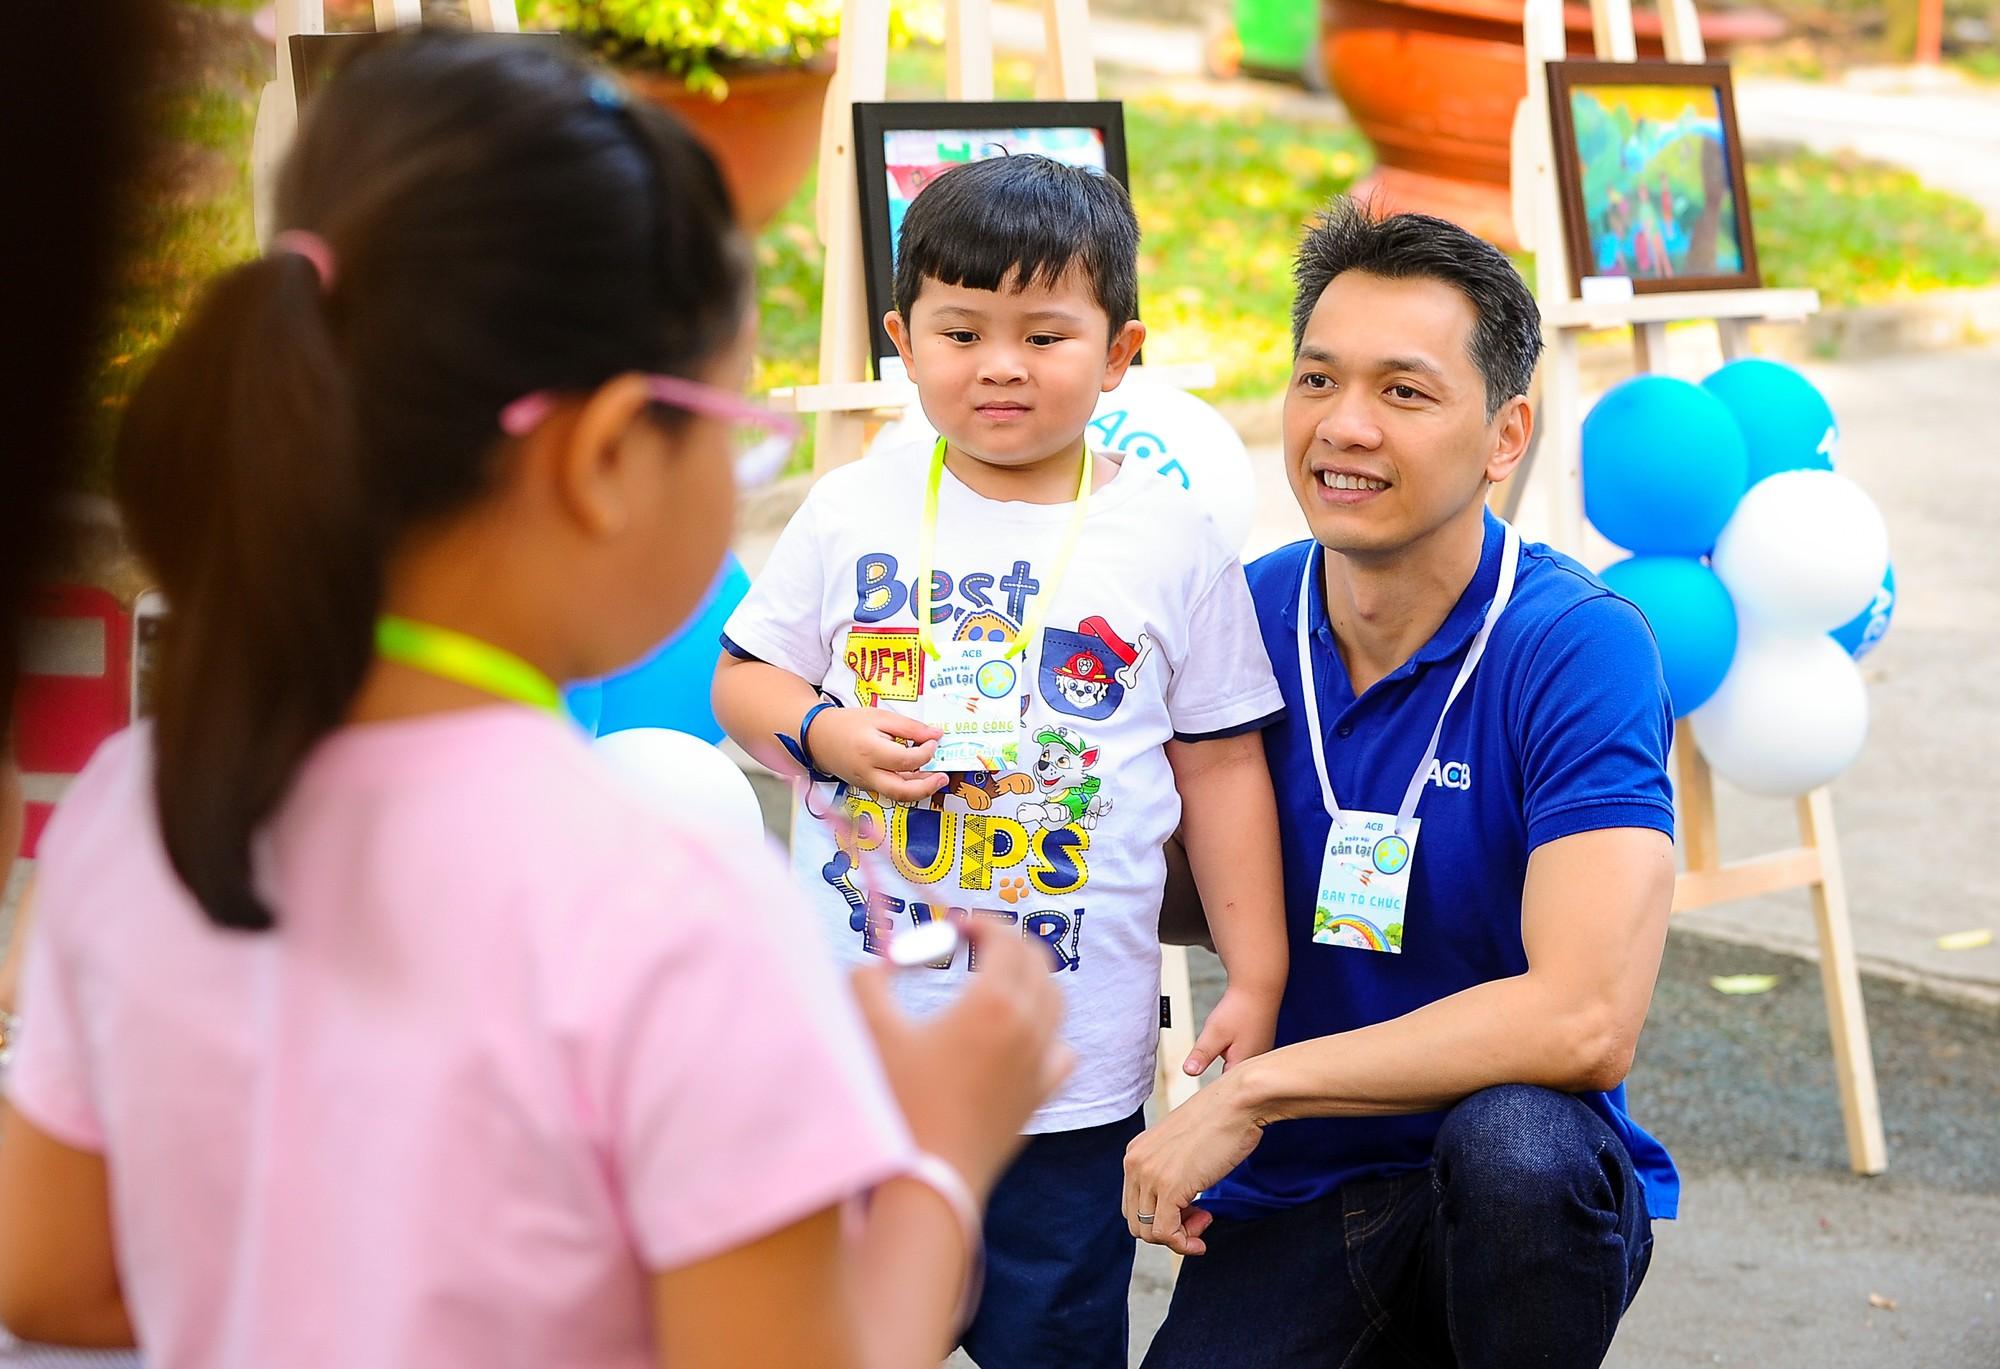 Chủ tịch HĐQT ACB Trần Hùng Huy: Mình không biết nhảy, không biết hát nhưng có thể học và không sợ quê! - Ảnh 14.